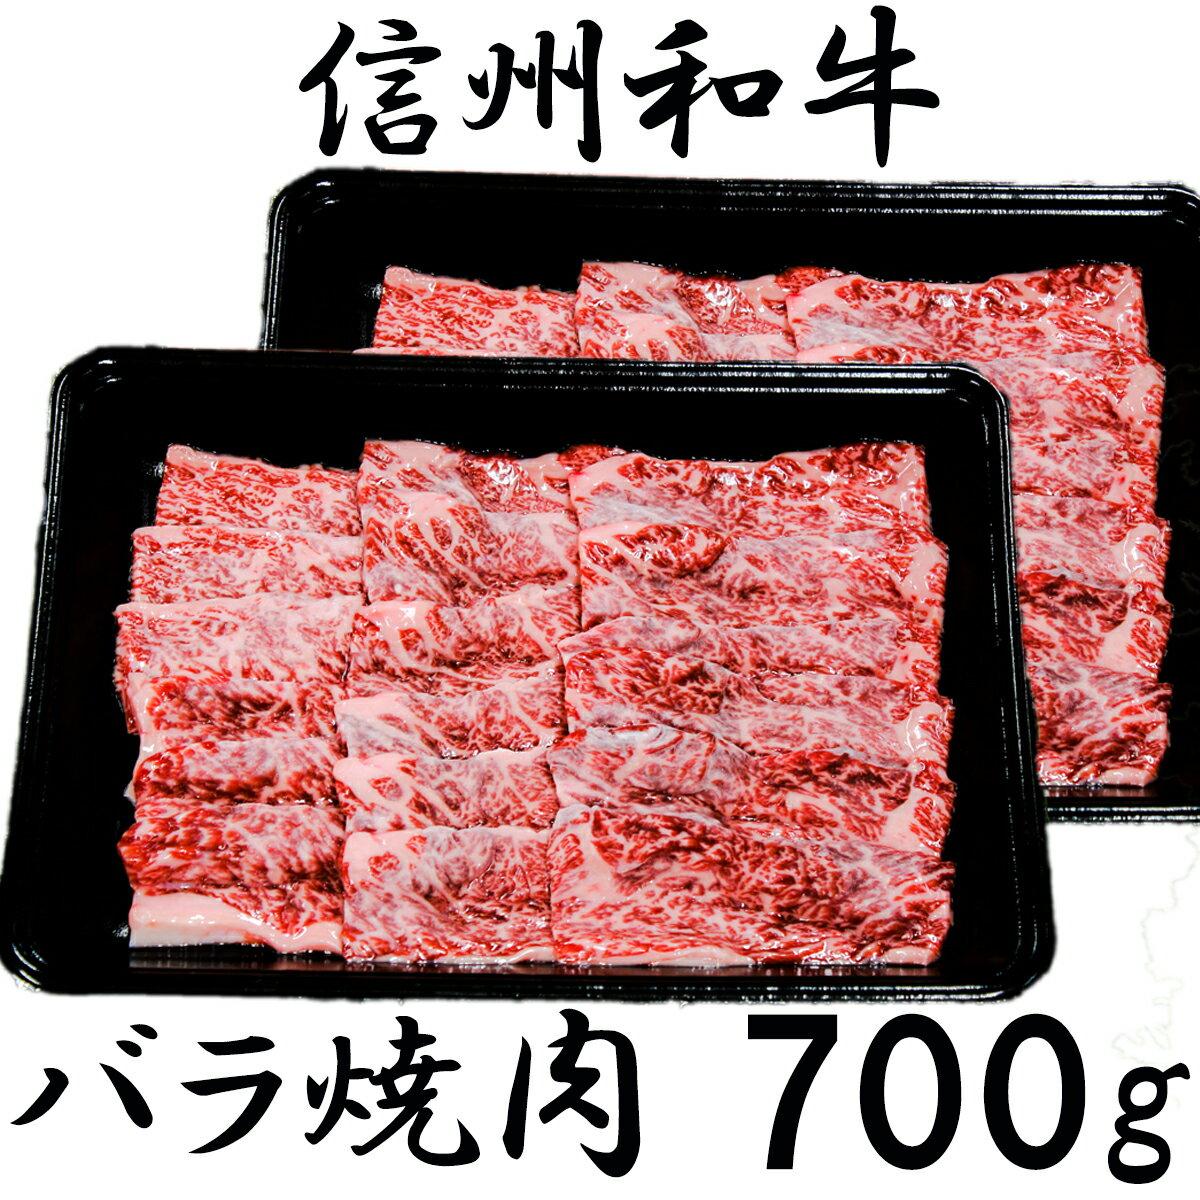 [緊急支援品] 牛肉 焼肉 信州 麻績産 極上黒毛和牛 カルビ バラ焼肉用 350g×2パック 長野 清水牧場